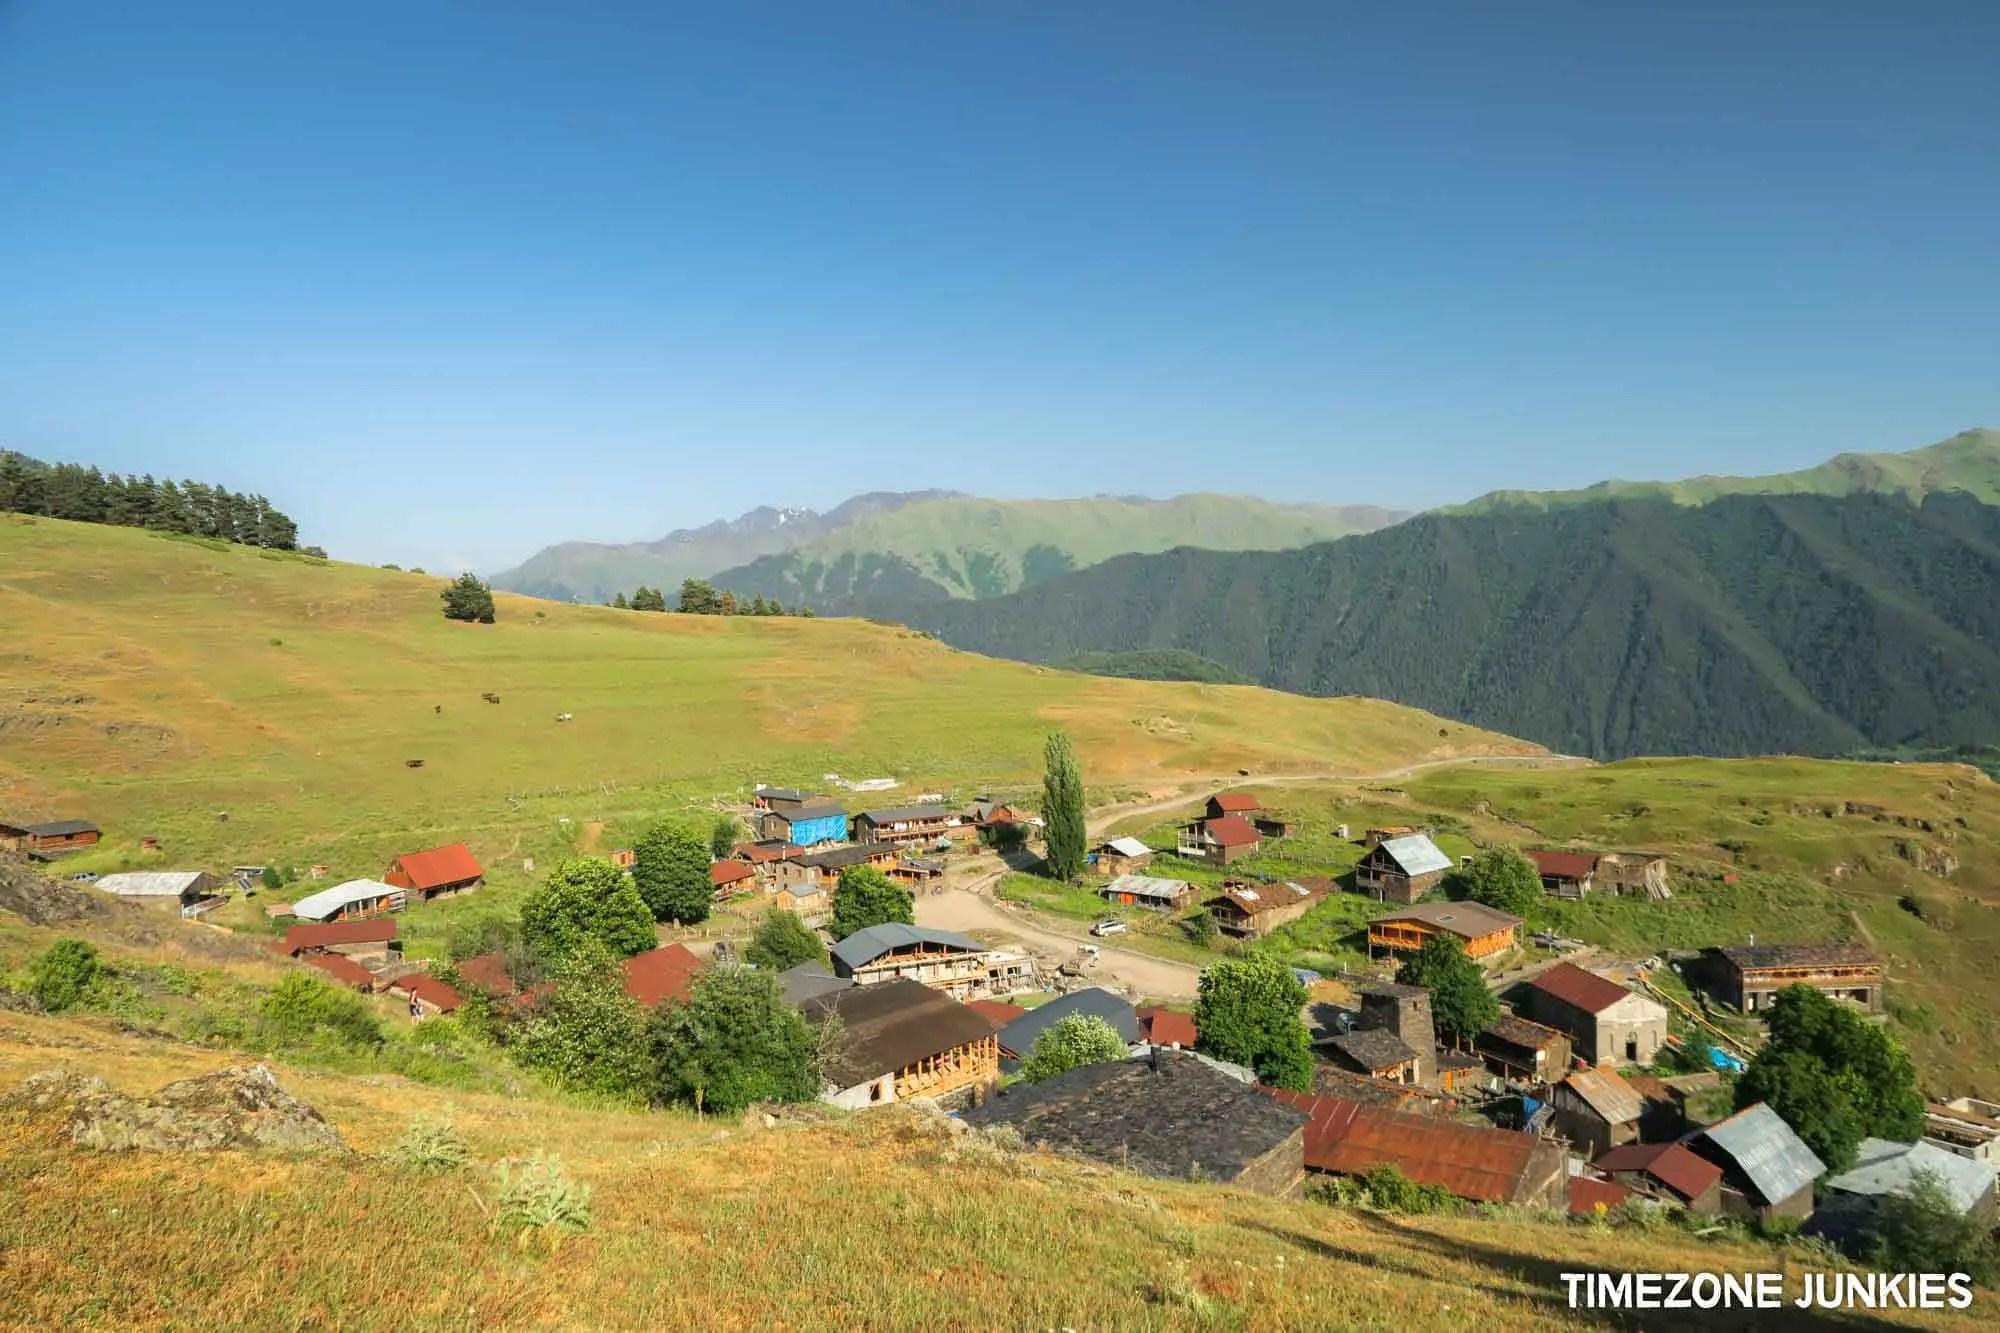 omalo village in tusheti